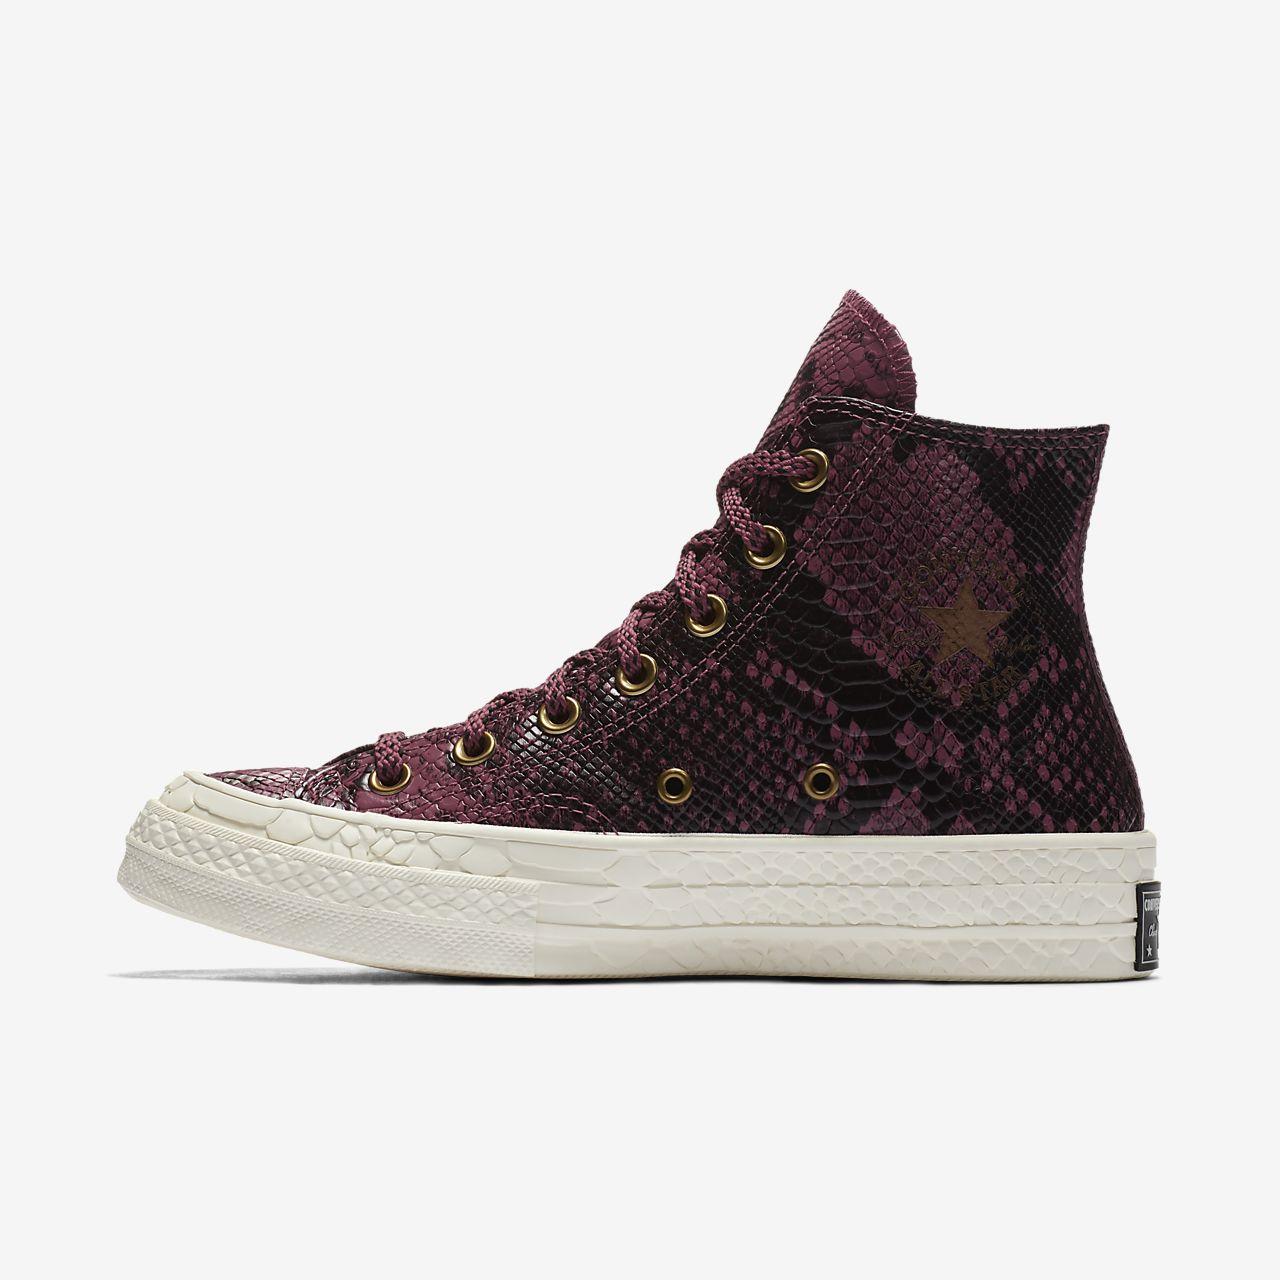 Converse Chuck 70 Full Gator High Top Women's Shoe